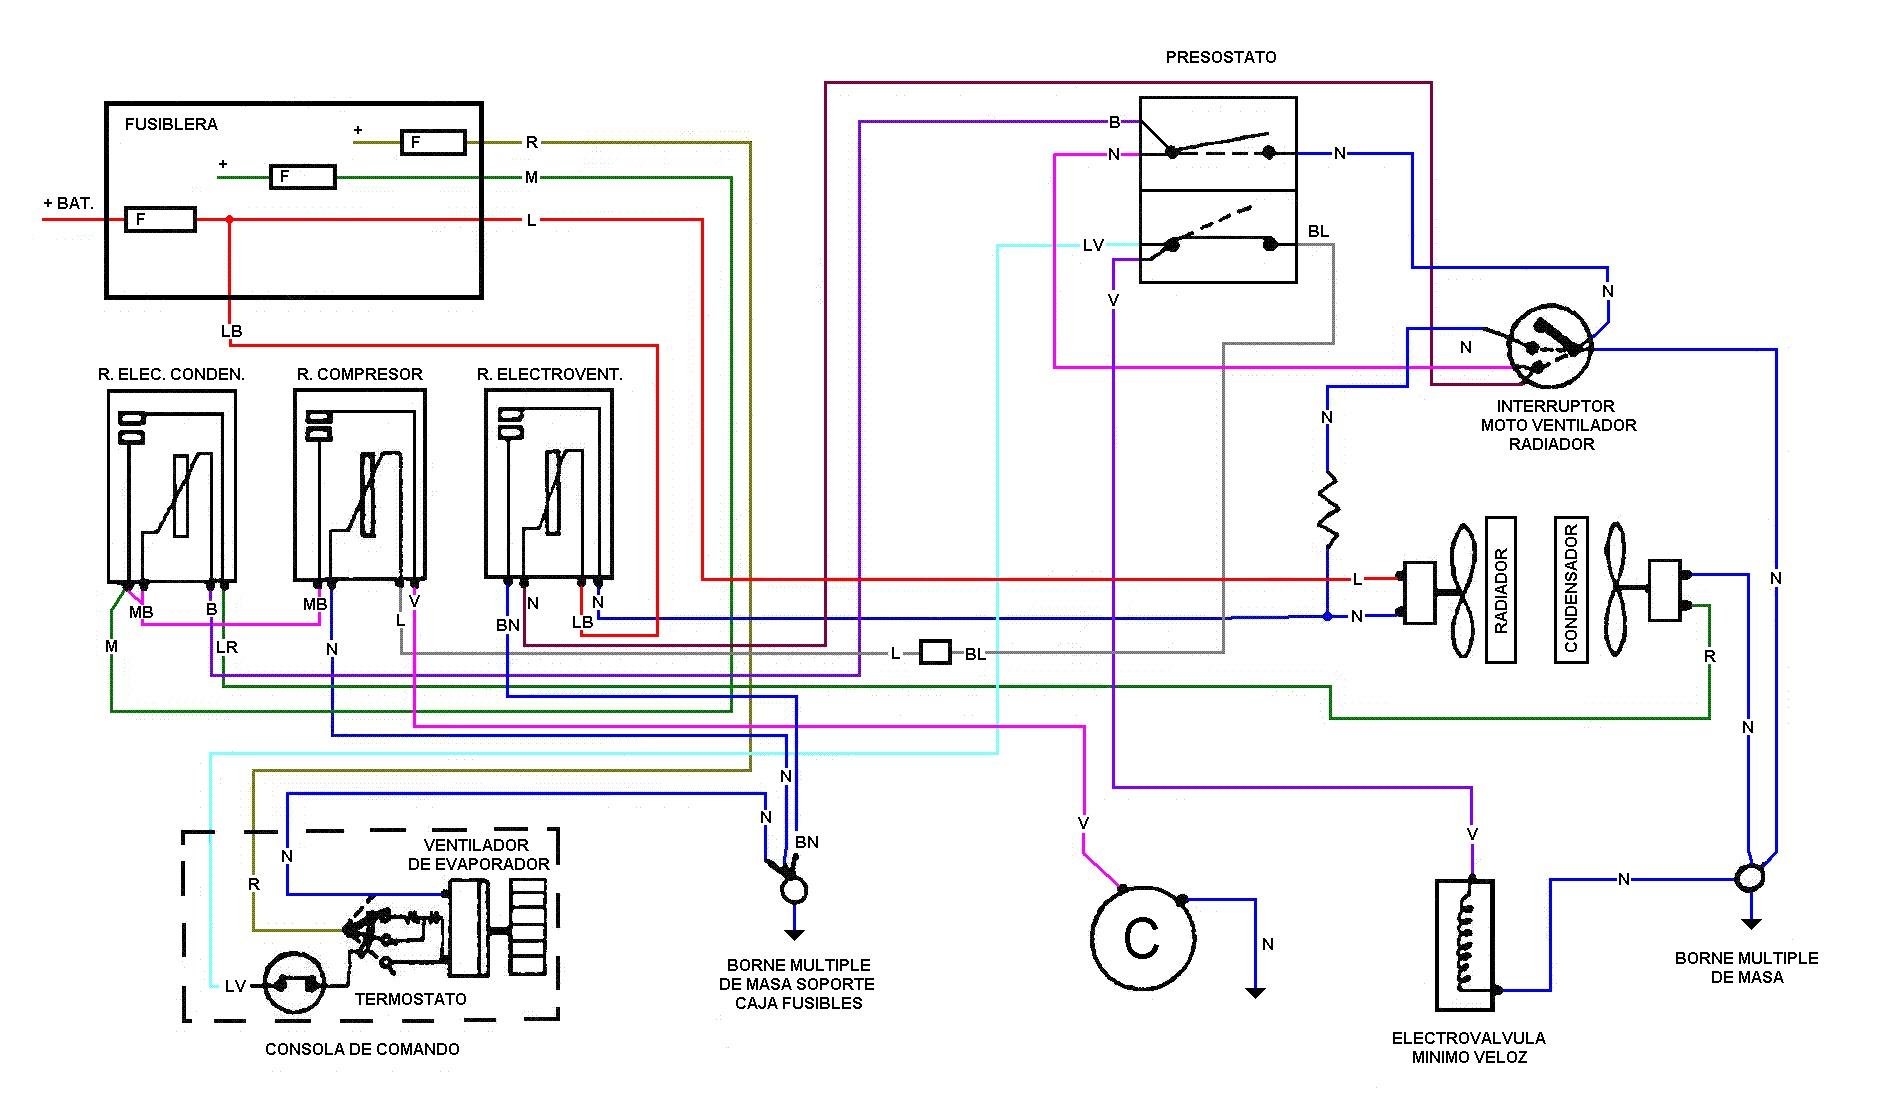 Diagramas electroyaire.gif autos